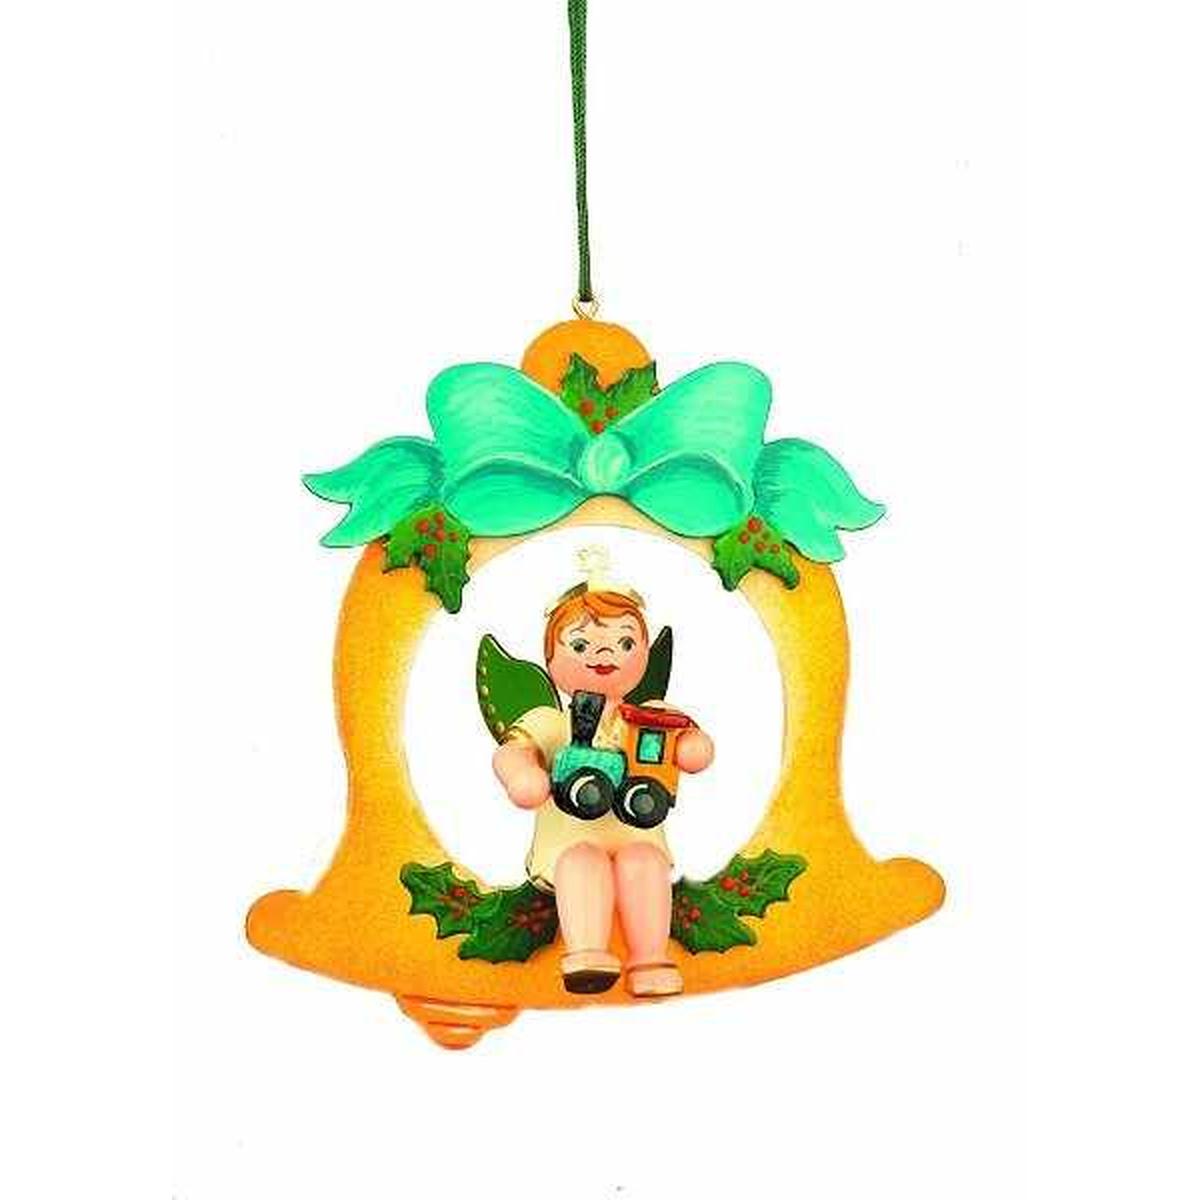 Baumbehang engelbub glocke lok von hubrig volkskunst - Weihnachtsdeko figuren ...